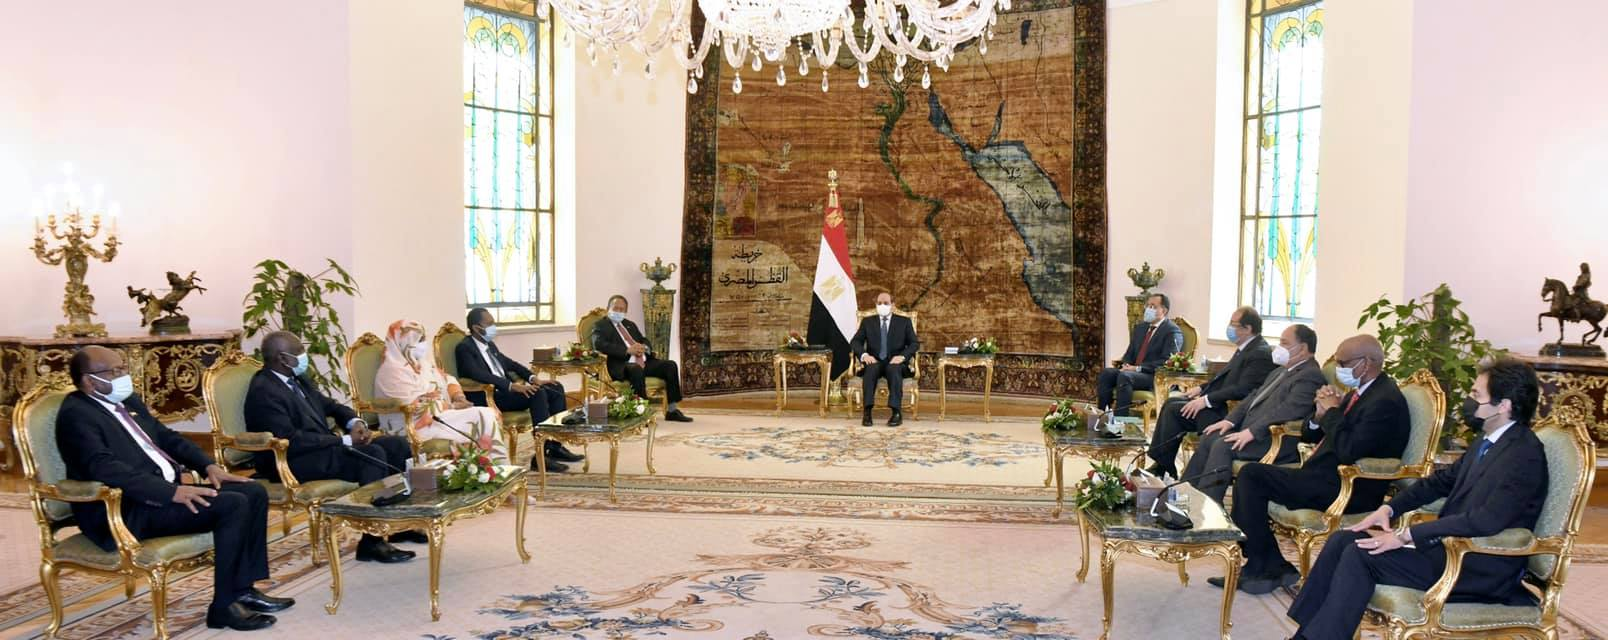 """استقبال السيسي لـ """"حمدوك"""".. وكلمة قرينة الرئيس في حفل """"الإيسيسكو"""" يتصدران صحف القاهرة"""